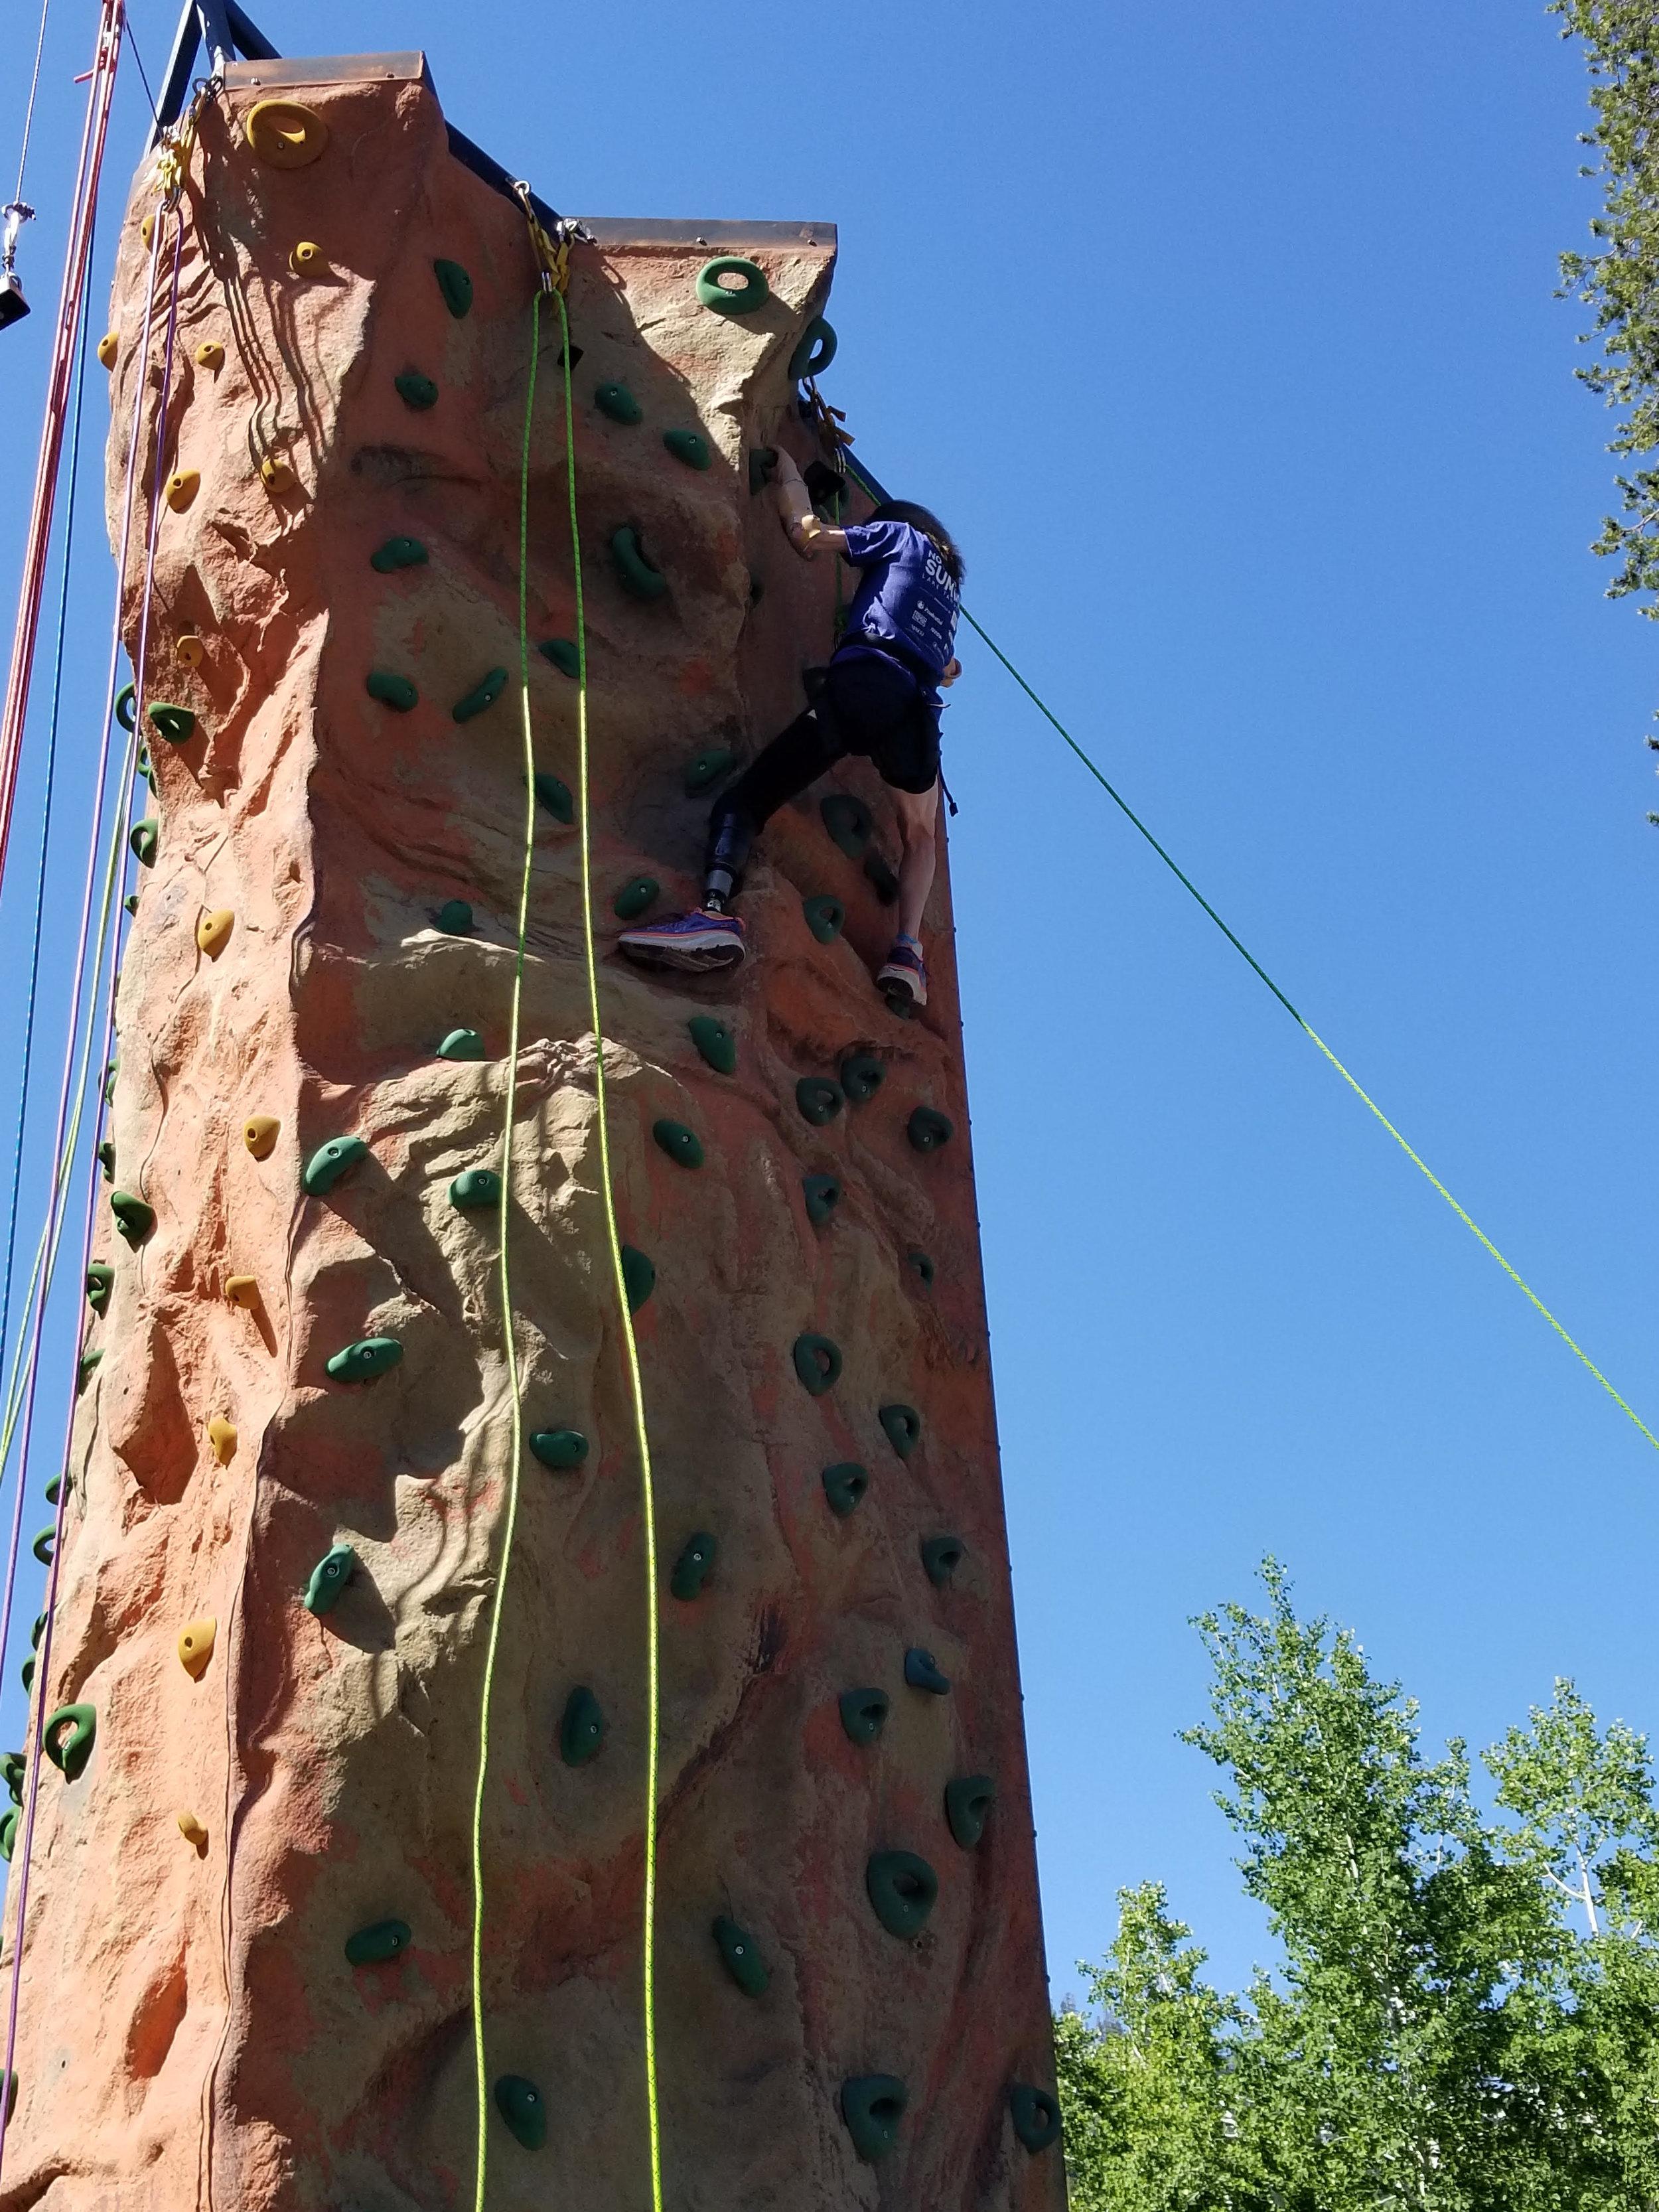 amputee climbing wall